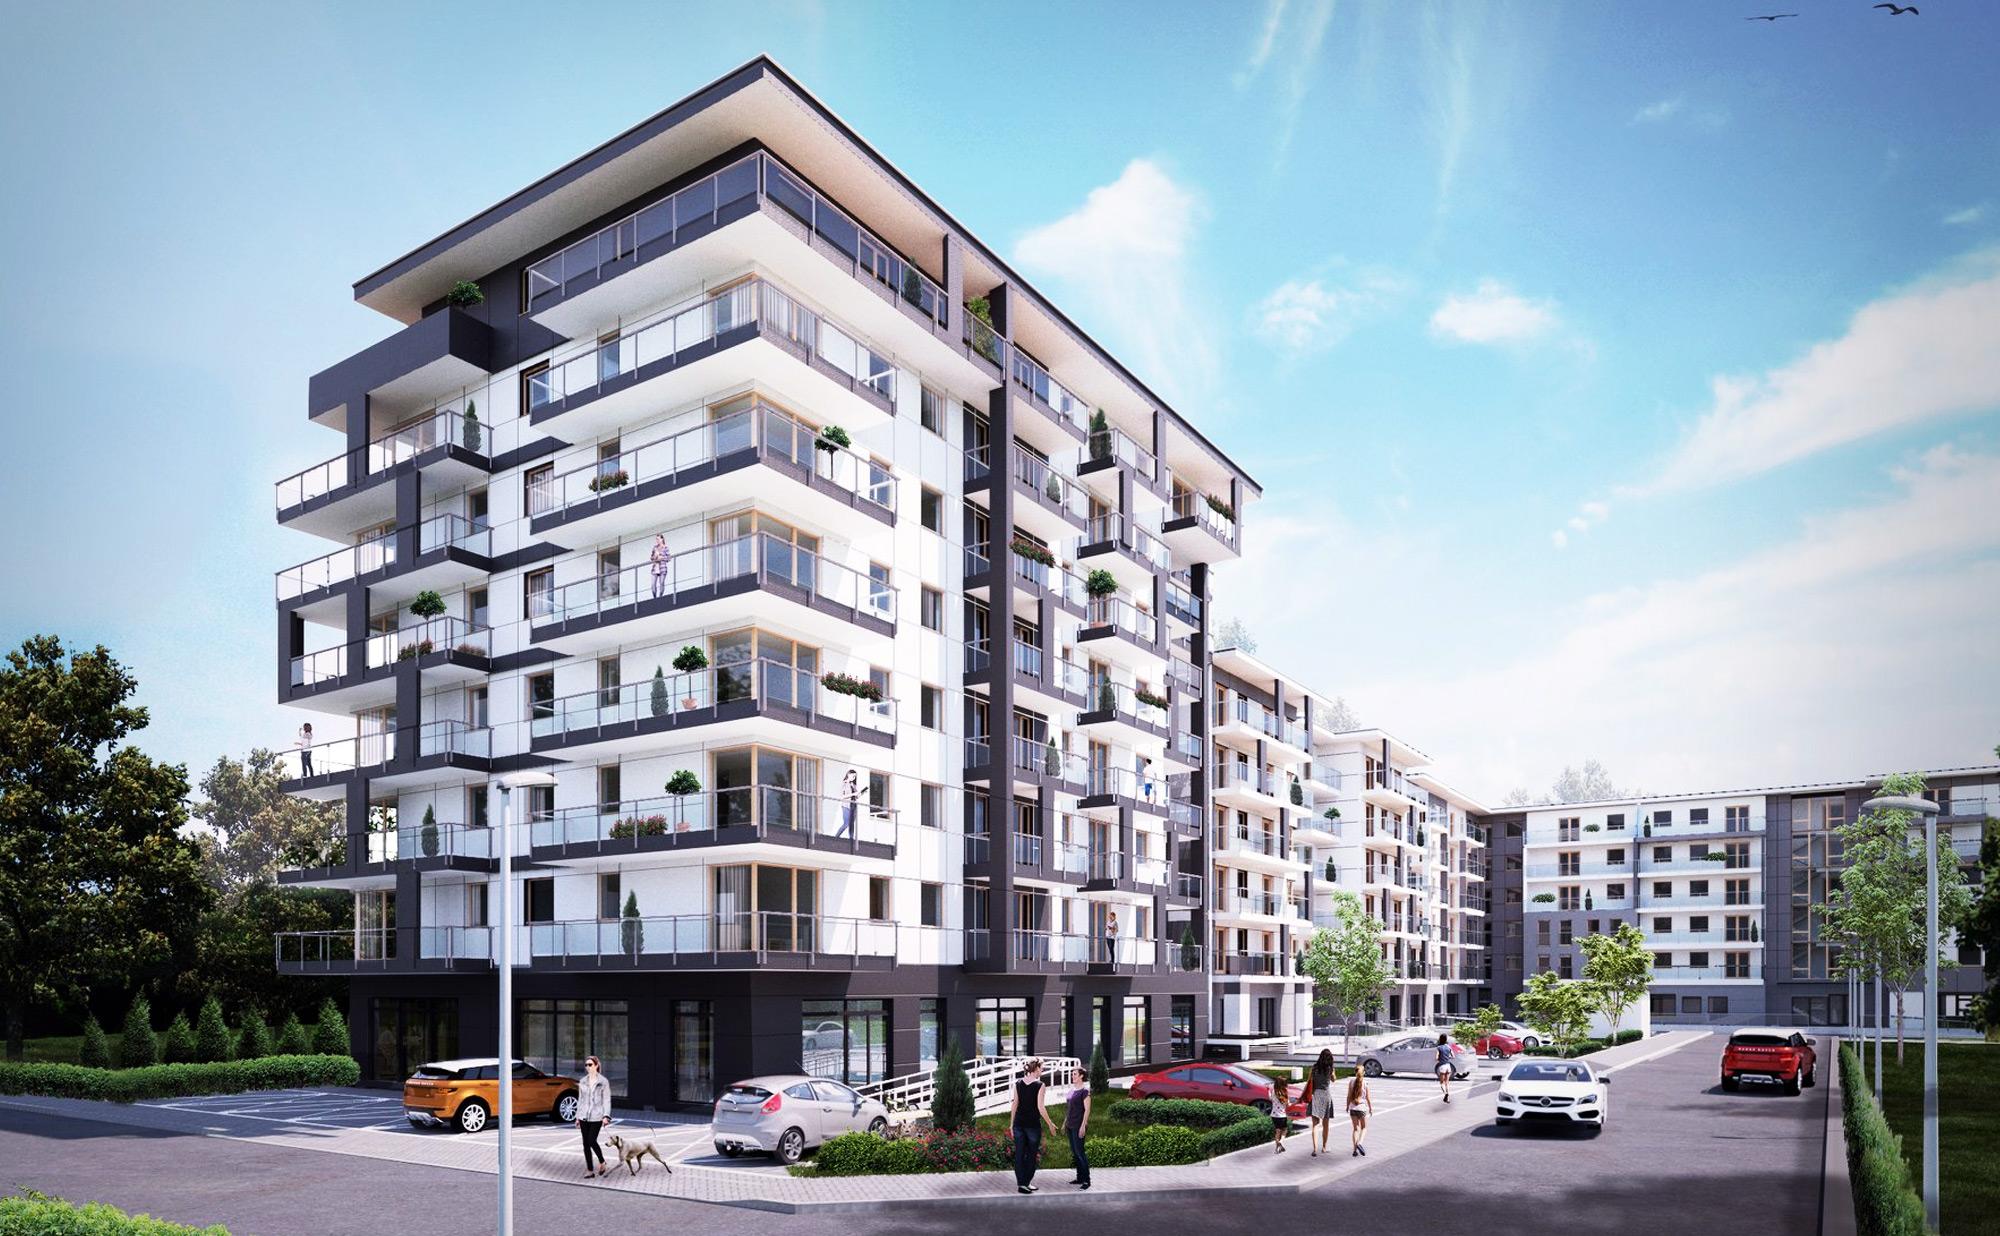 Ruszył III Etap budowy kompleksu mieszkalnego Zielony Bulwar w Kielcach